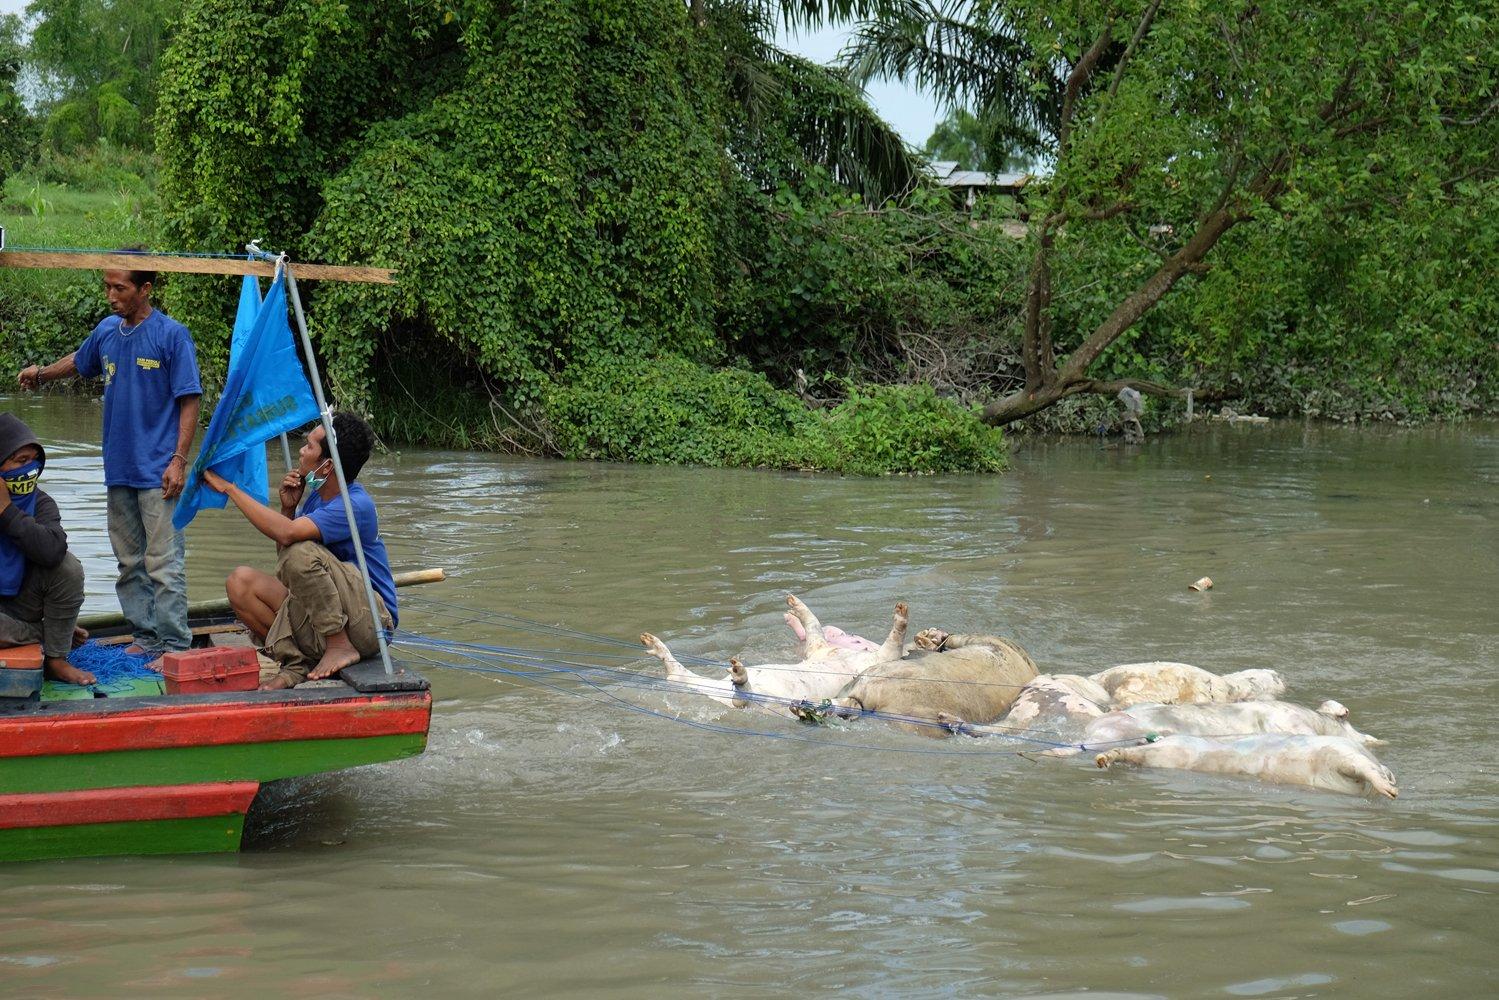 Petugas gabungan menyeret bangkai babi mengunakan perahu di aliran Sungai Bederah, untuk dikubur, di Kelurahan Terjun, Medan, Sumatera Utara, Selasa (12/11/2019).